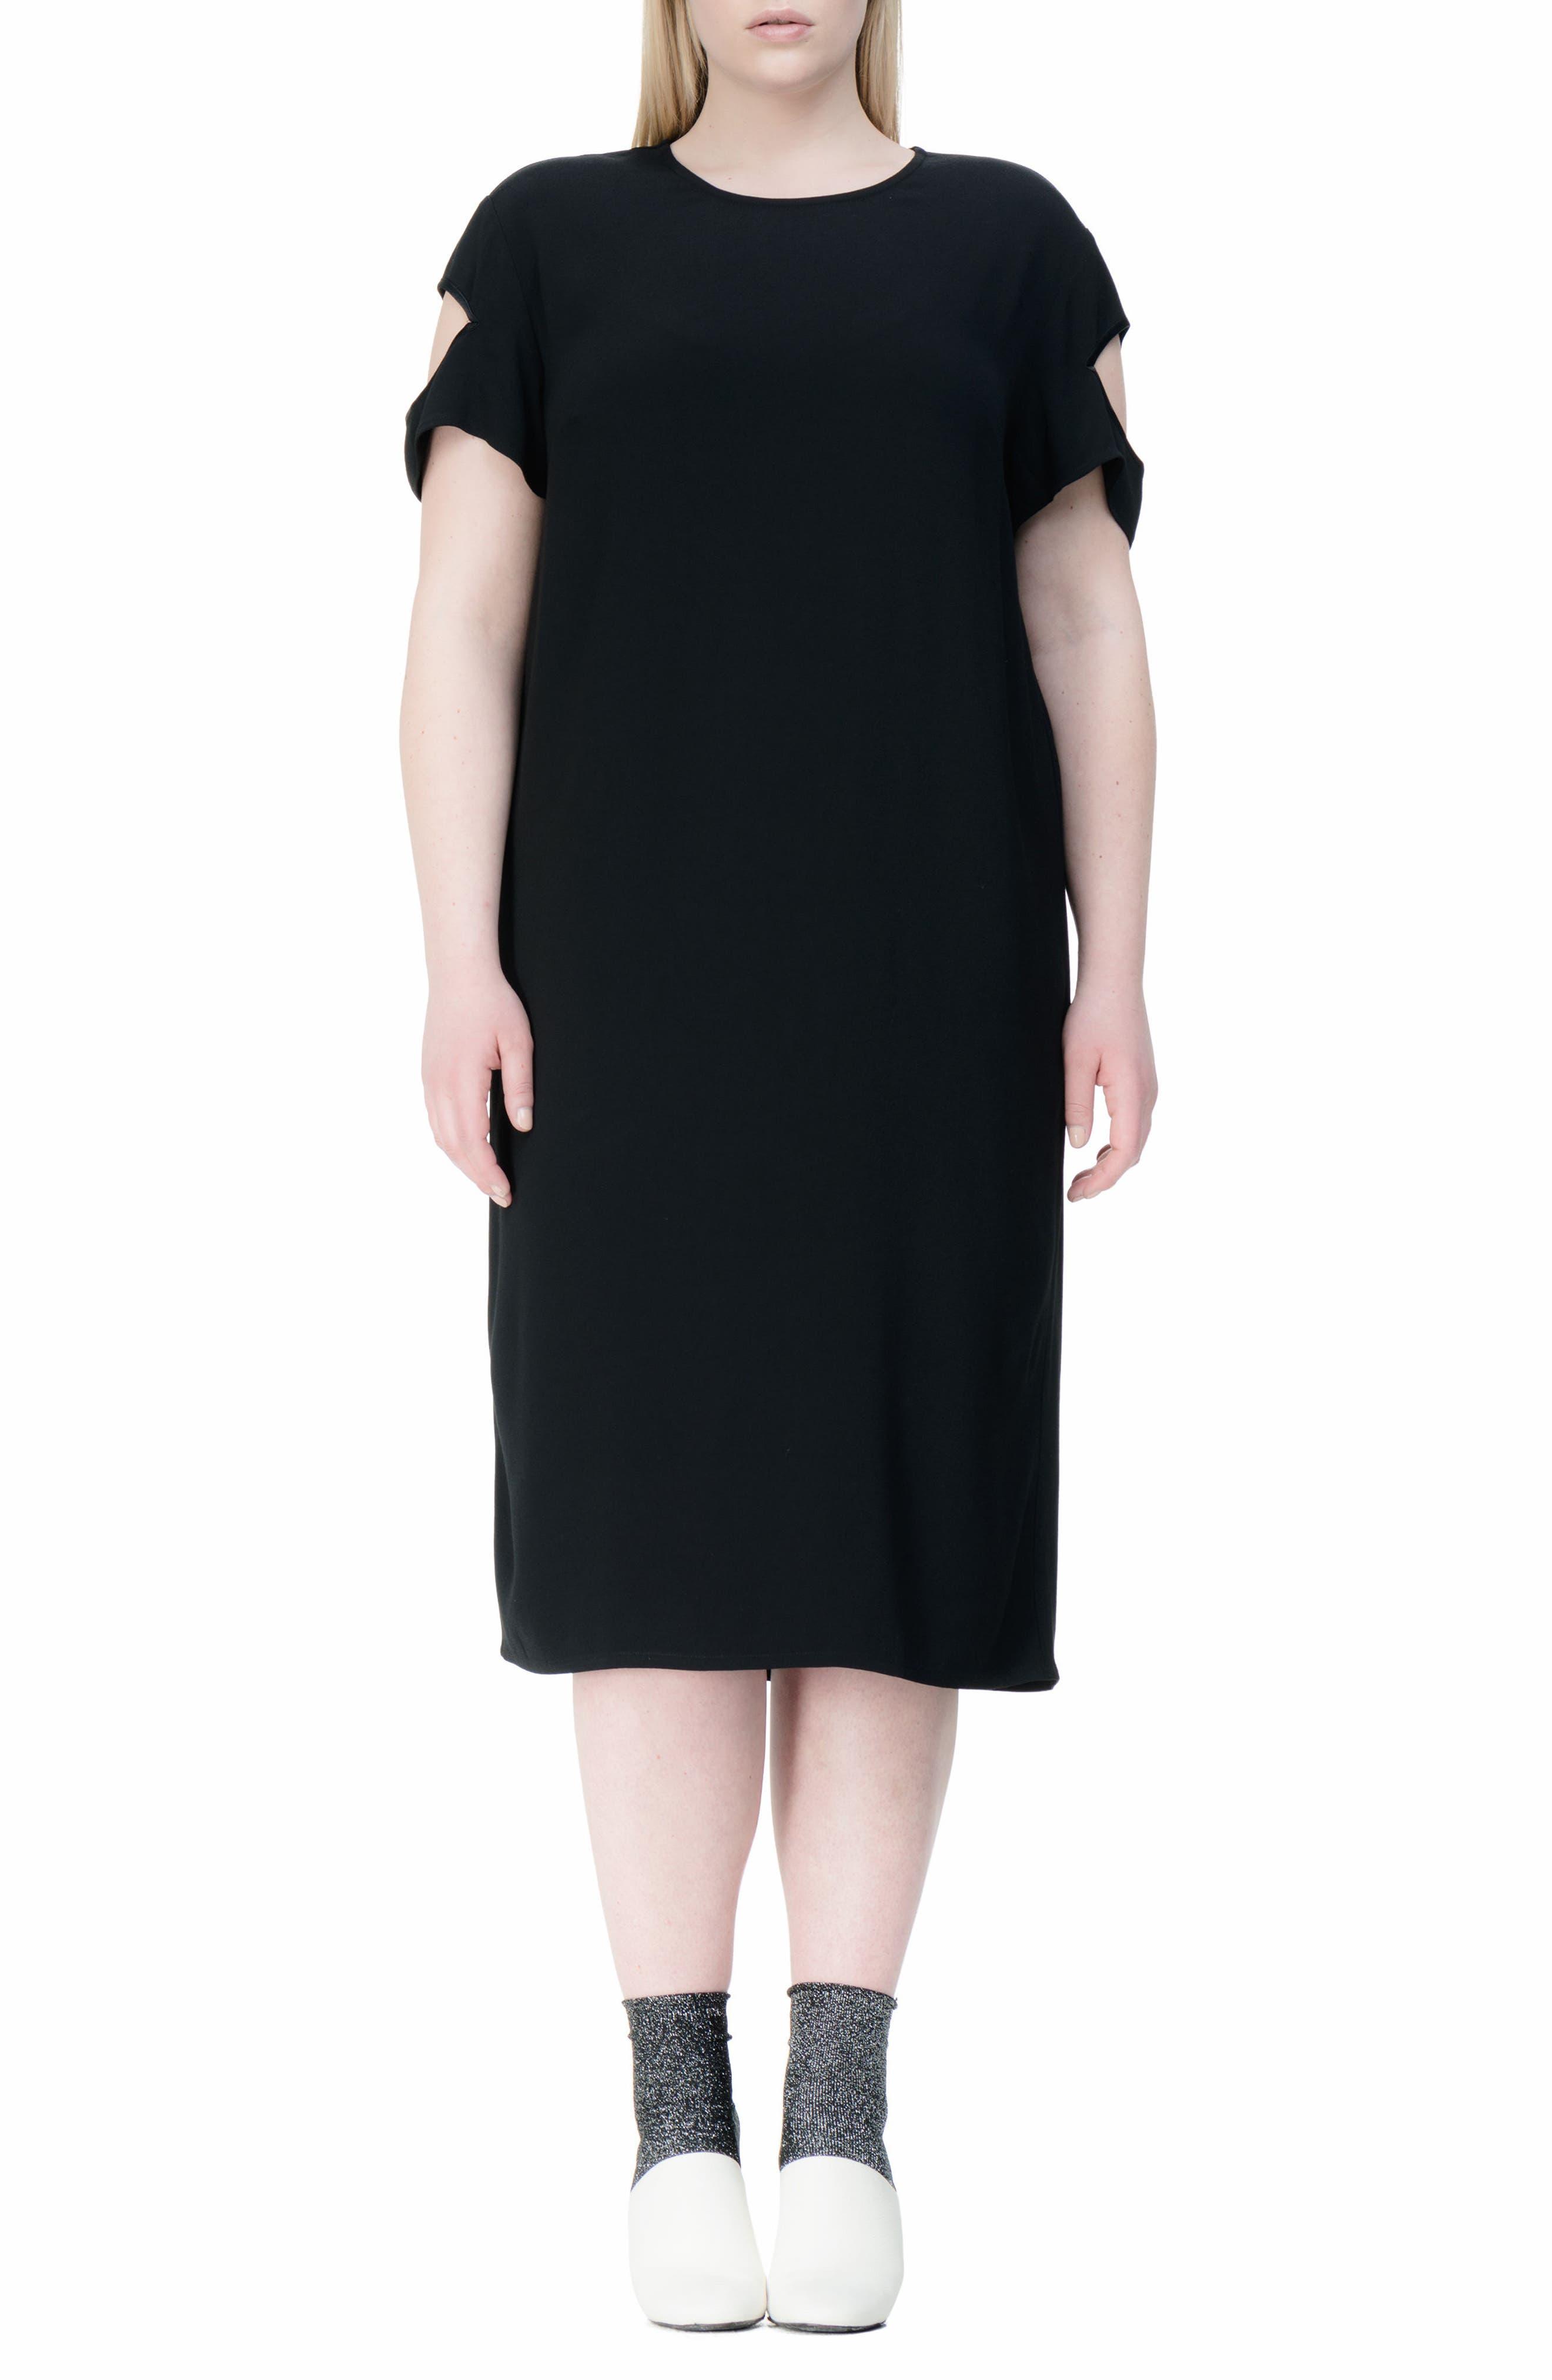 Newland Shift Dress,                             Main thumbnail 1, color,                             001